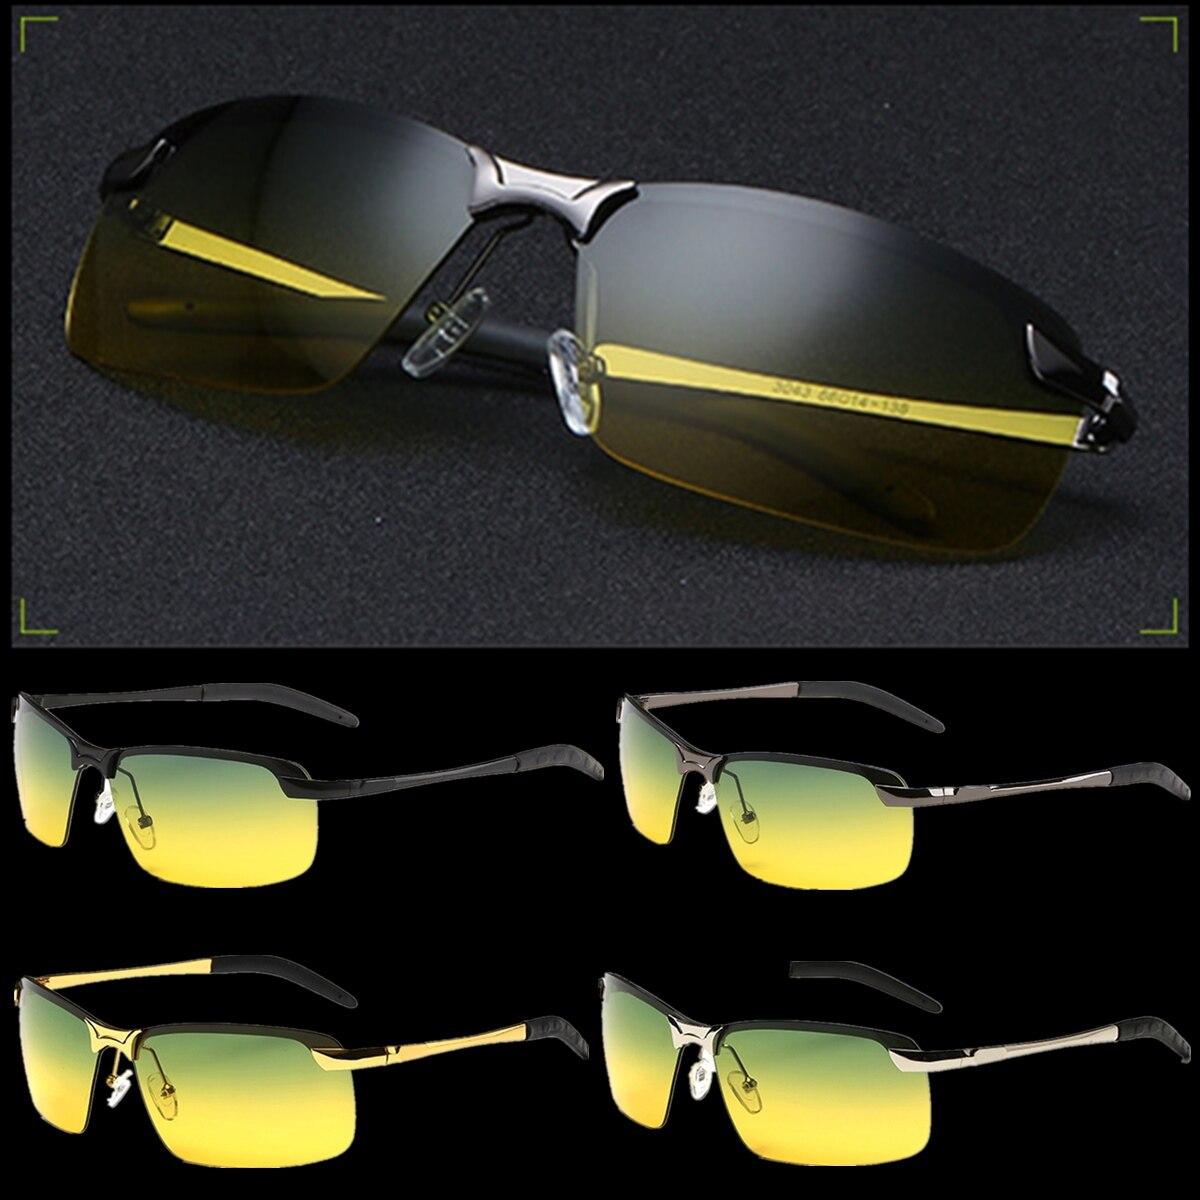 Homem noite condução óculos anti-reflexo amarelo óculos de sol eyewear metal noite óculos de proteção óculos polarizados para condução de carro